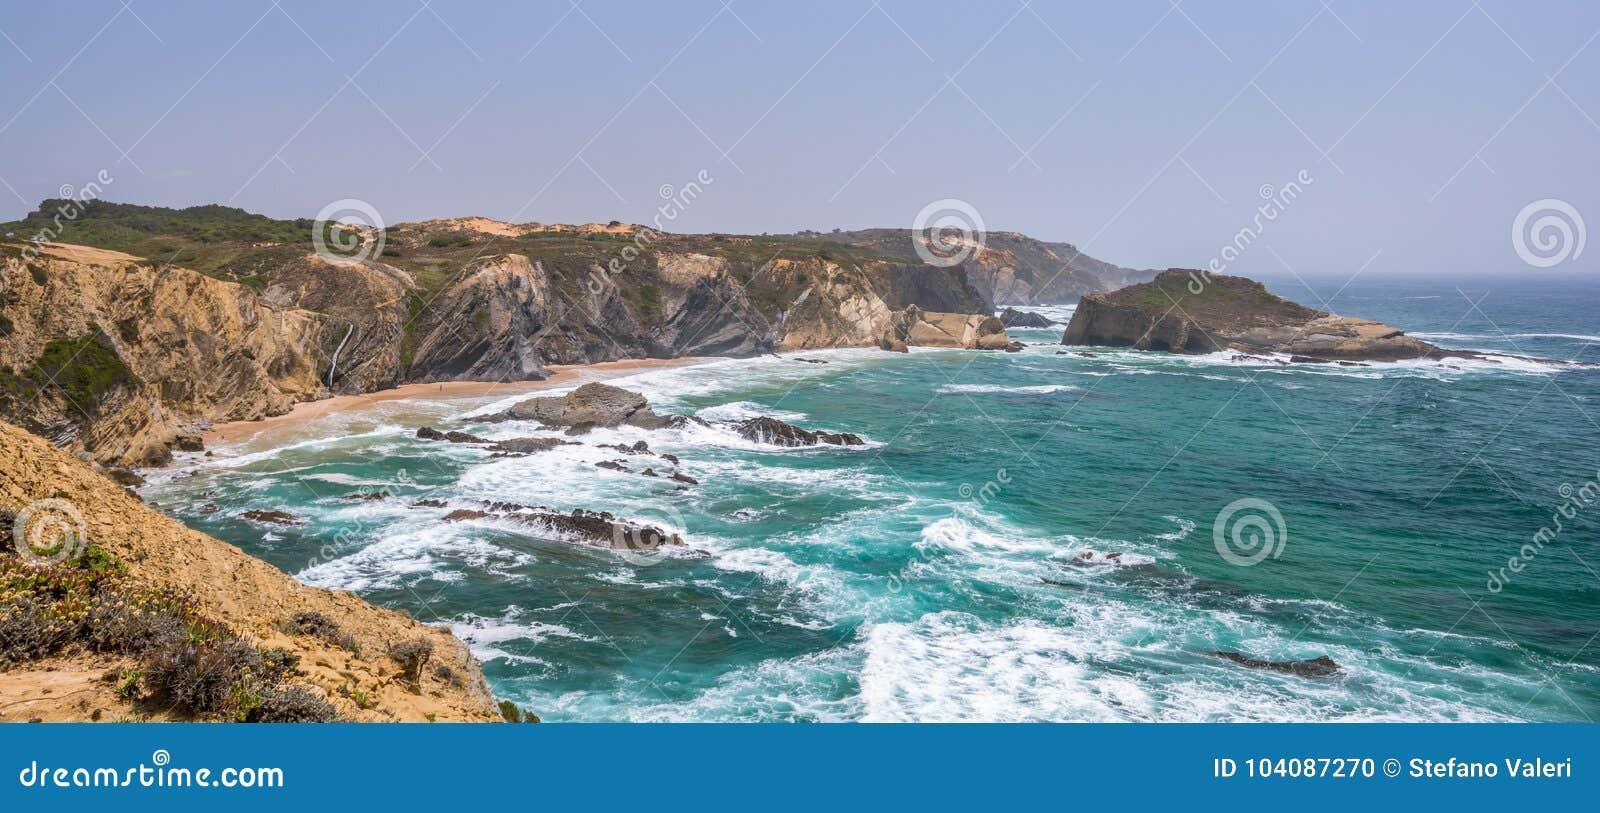 Scenic seascape of Praia dos Alteirinhos, near Zambujeira do Mar, Costa Vicentina, Portugal